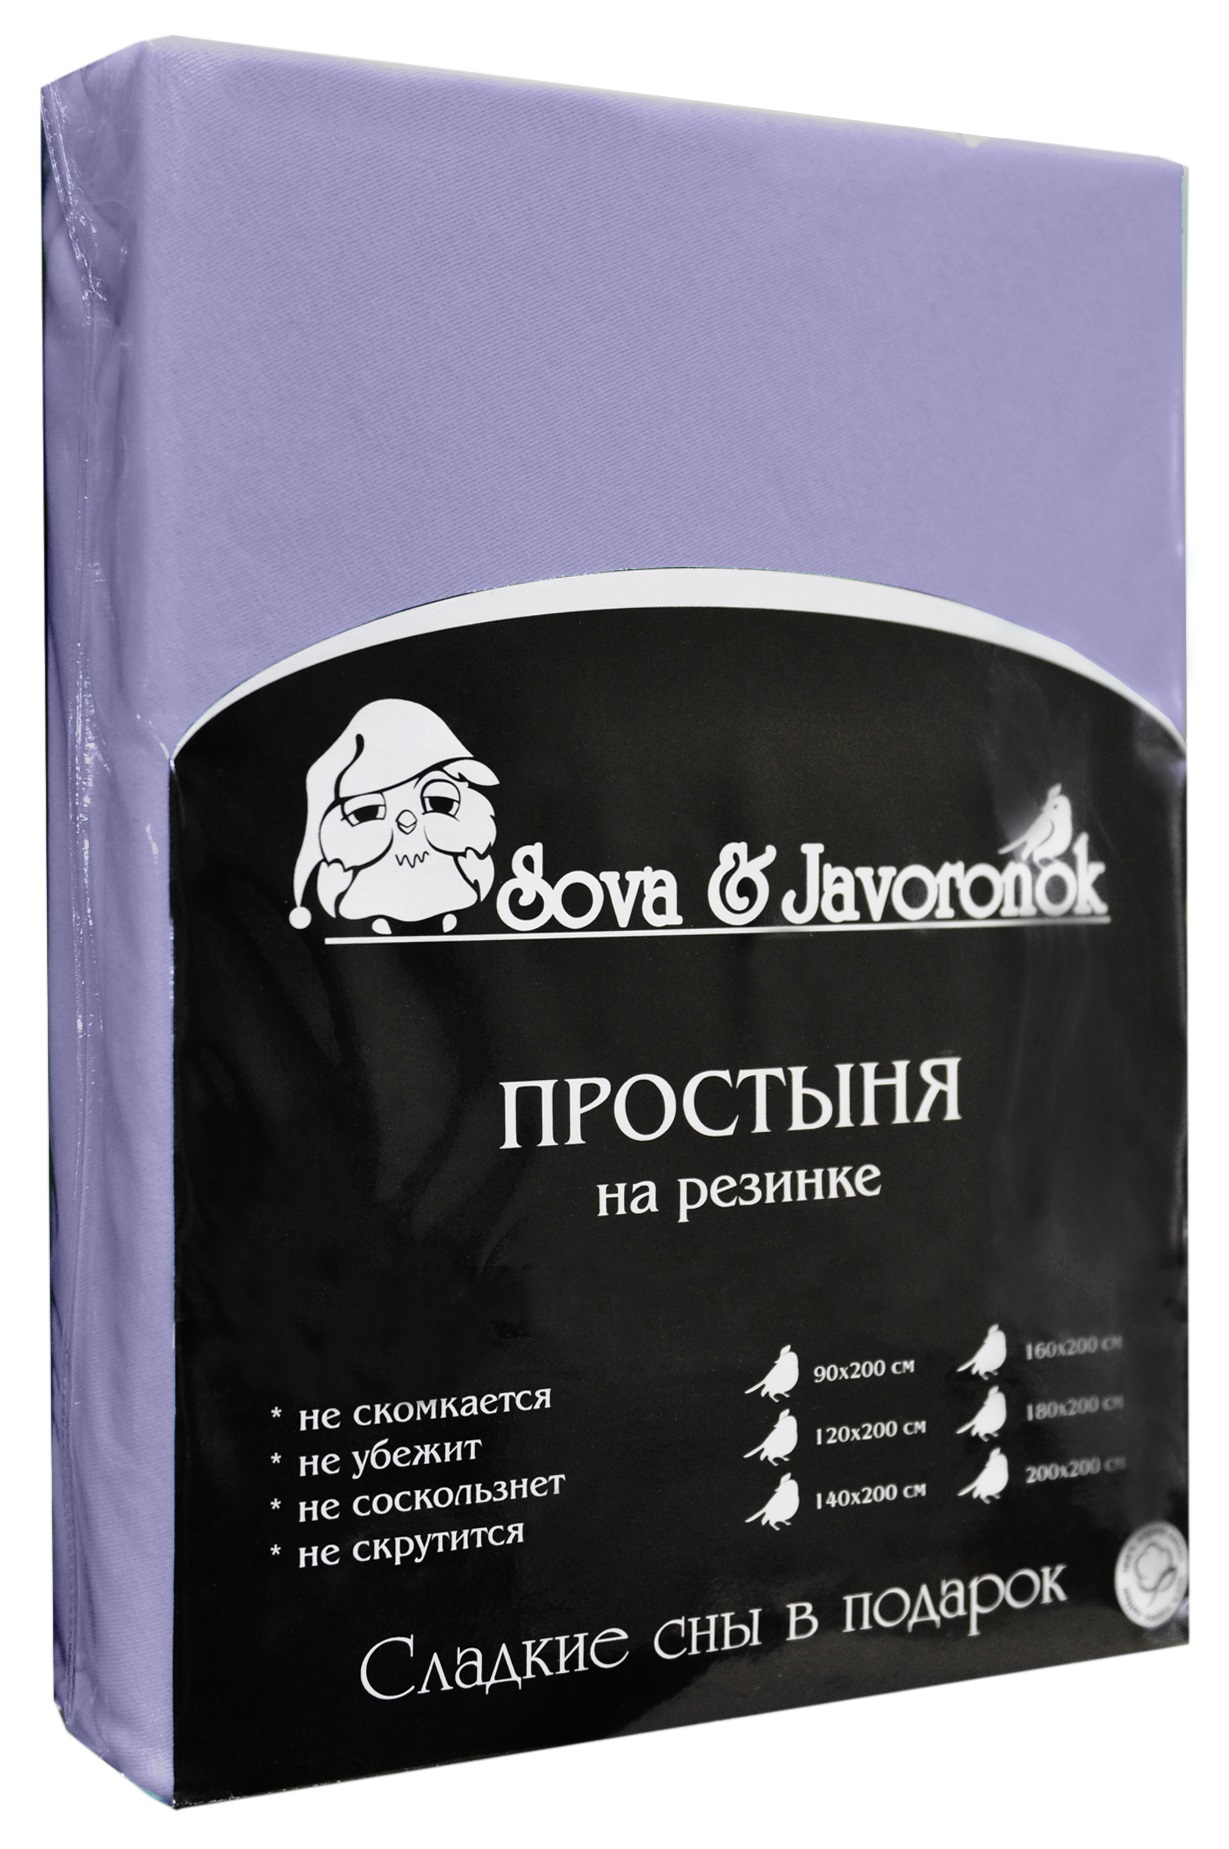 Простыня на резинке Sova & Javoronok, цвет: фиолетовый, 180 см х 200 см6113MПростыня на резинке Sova & Javoronok, изготовленная из трикотажной ткани (100% хлопок), будет превосходно смотреться с любыми комплектами белья. Хлопчатобумажный трикотаж по праву считается одним из самых качественных, прочных и при этом приятных на ощупь. Его гигиеничность позволяет использовать простыню и в детских комнатах, к тому же 100%-ый хлопок в составе ткани не вызовет аллергии. У трикотажного полотна очень интересная структура, немного рыхлая за счет отсутствия плотного переплетения нитей и наличия особых петель, благодаря этому простыня Сова и Жаворонок отлично пропускает воздух и способствует его постоянной циркуляции. Поэтому ваша постель будет всегда оставаться свежей. Но главное и, пожалуй, самое известное свойство трикотажа - это его великолепная растяжимость, поэтому эта ткань и была выбрана для натяжной простыни на резинке.Простыня прошита резинкой по всему периметру, что обеспечивает более комфортный отдых, так как она прочно удерживается на матрасе и избавляет от необходимости часто поправлять простыню.